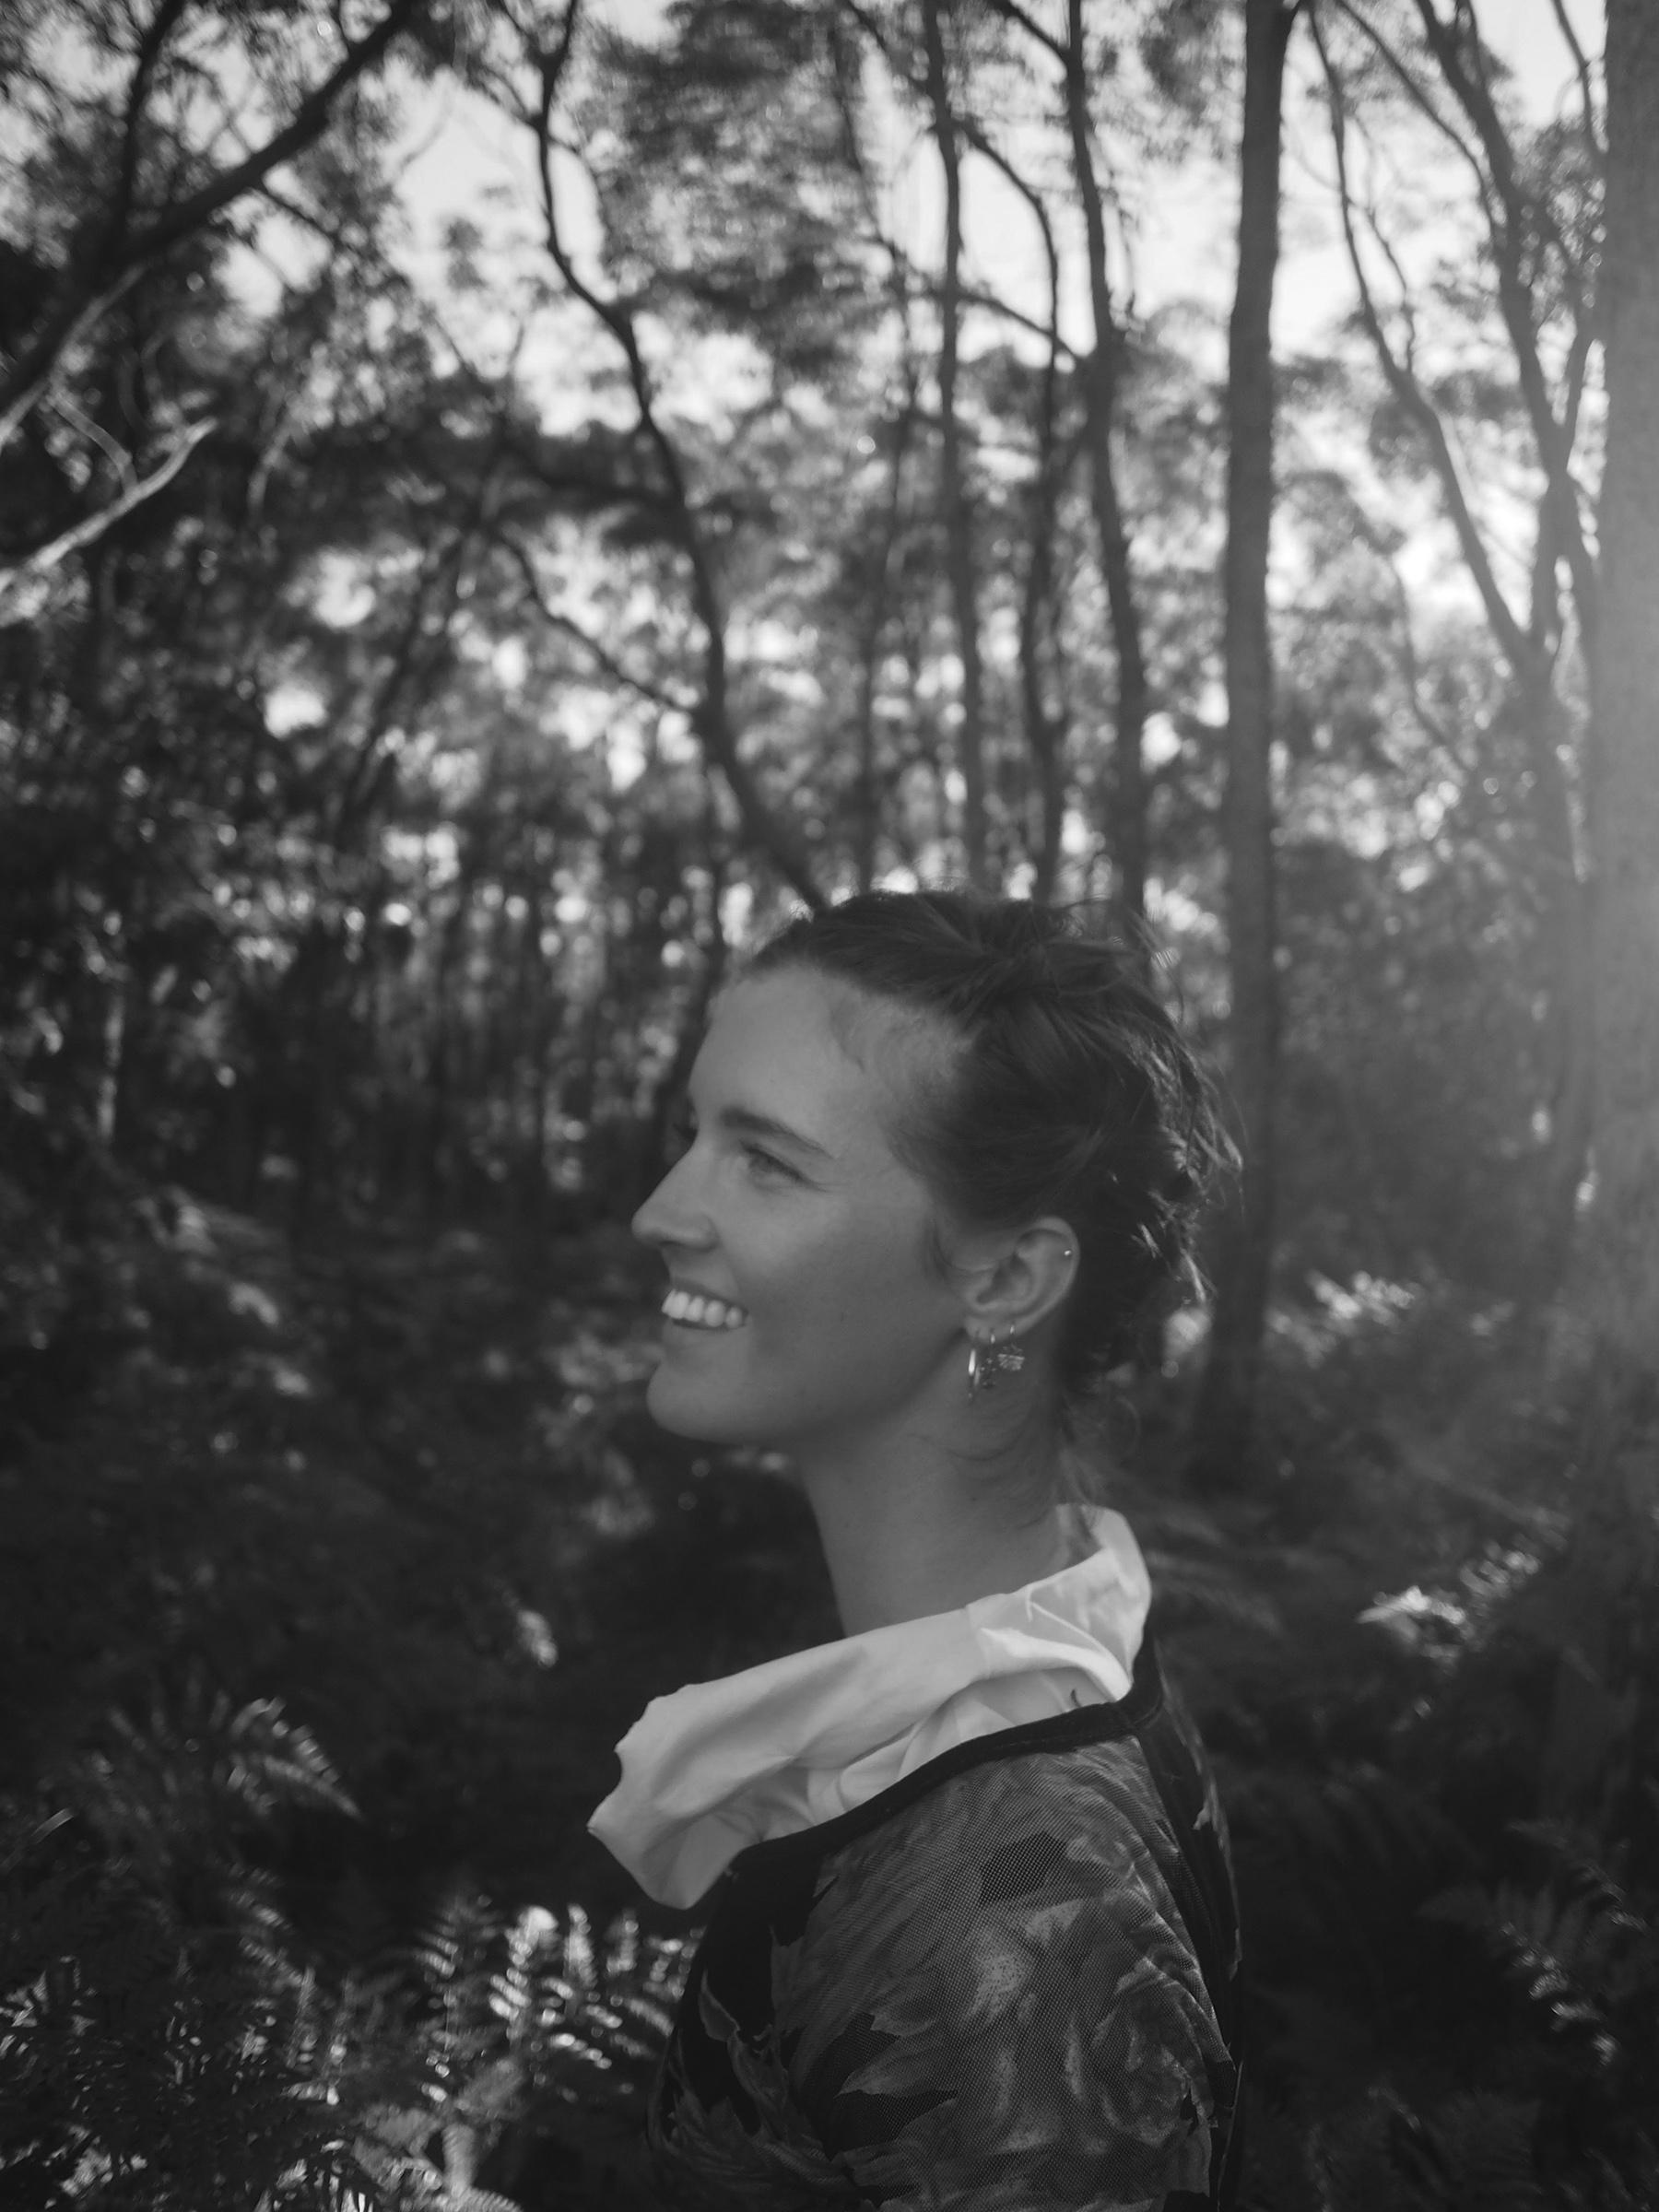 Ania_zoltkowski_sustainability_spirituality_bw.jpg